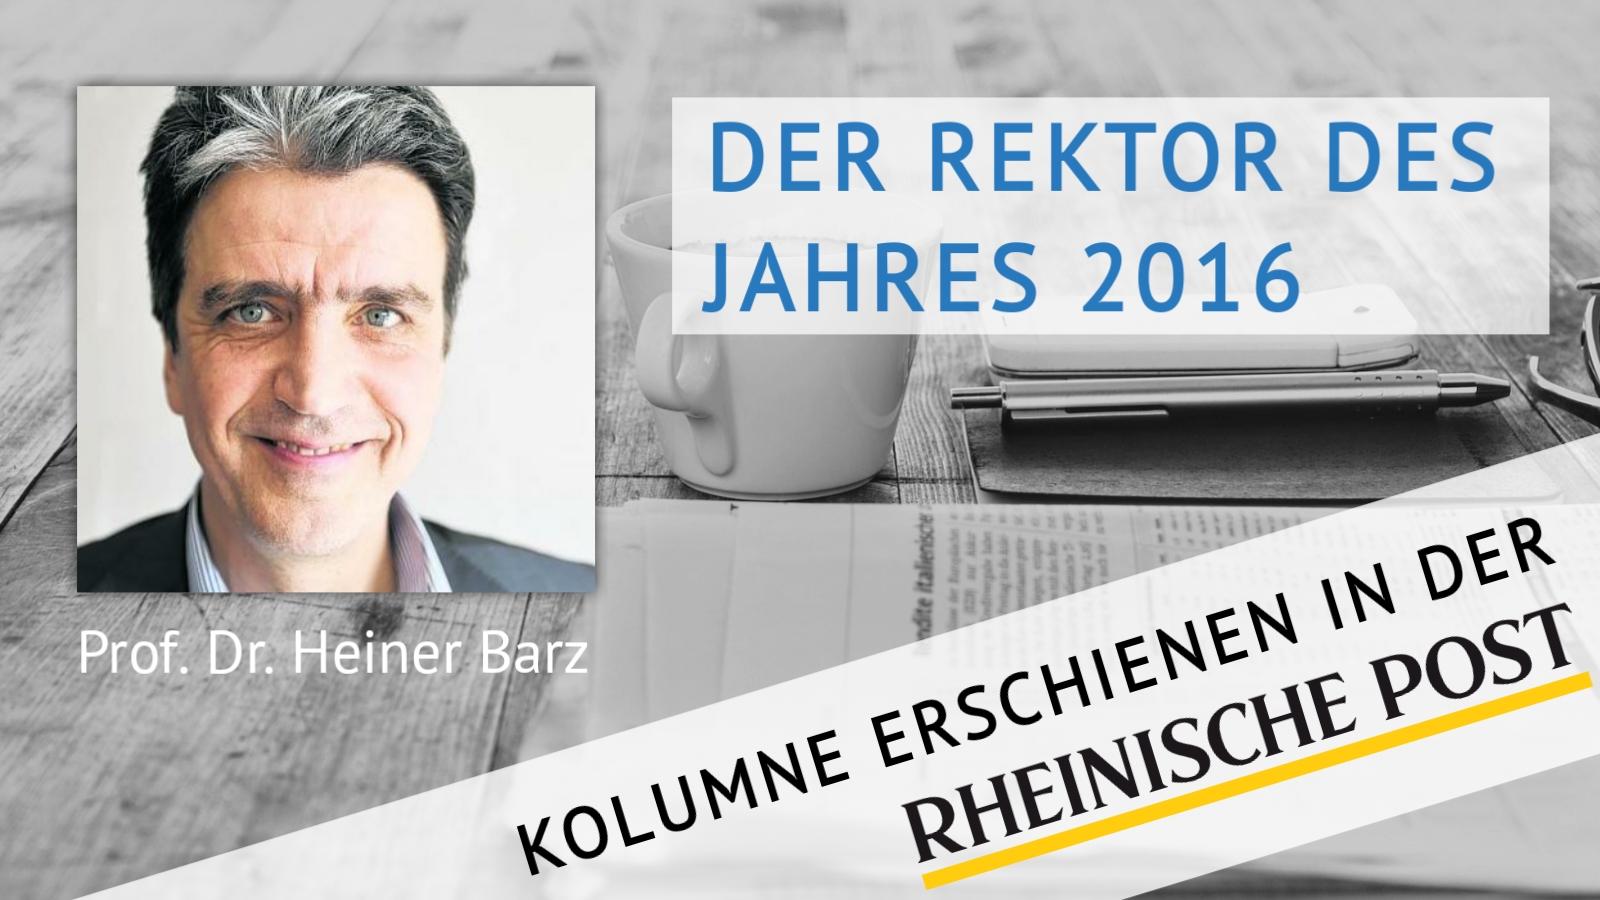 Der Rektor des Jahres 2016, Kolumne von Heiner Barz, erschienen in der Rheinischen Post